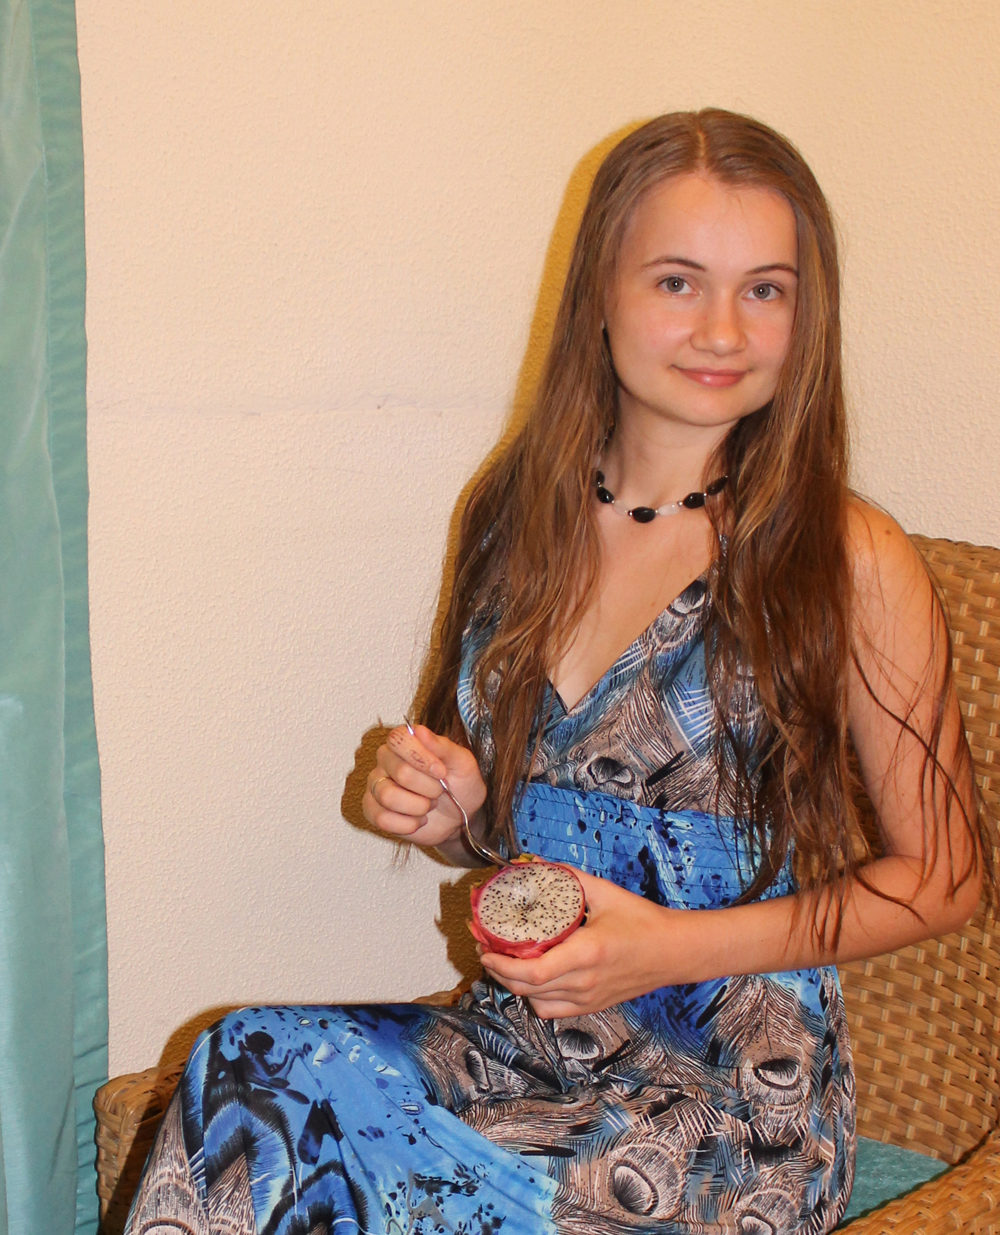 девушка ест драконий фрукт